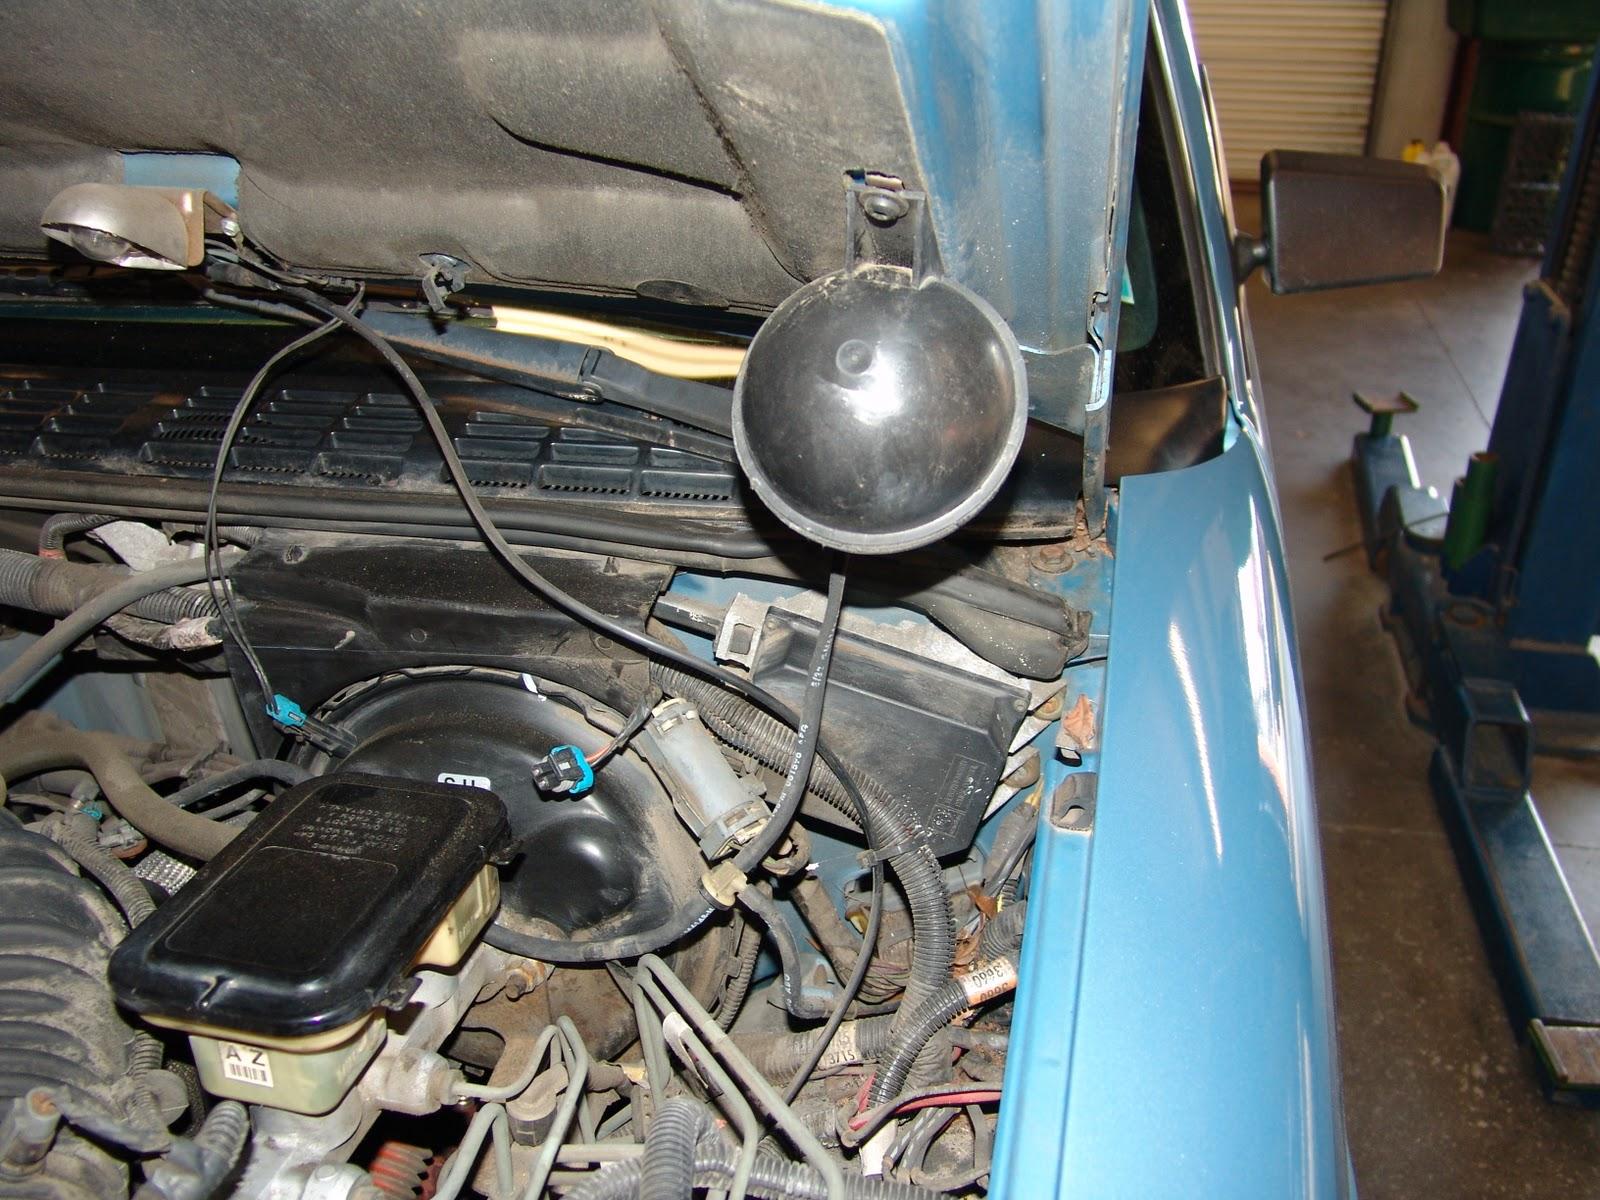 97 Ford F 350 Radio Wire Diagram 97 Blazer 4x4 Help Needed With Pic Blazer Forum Chevy